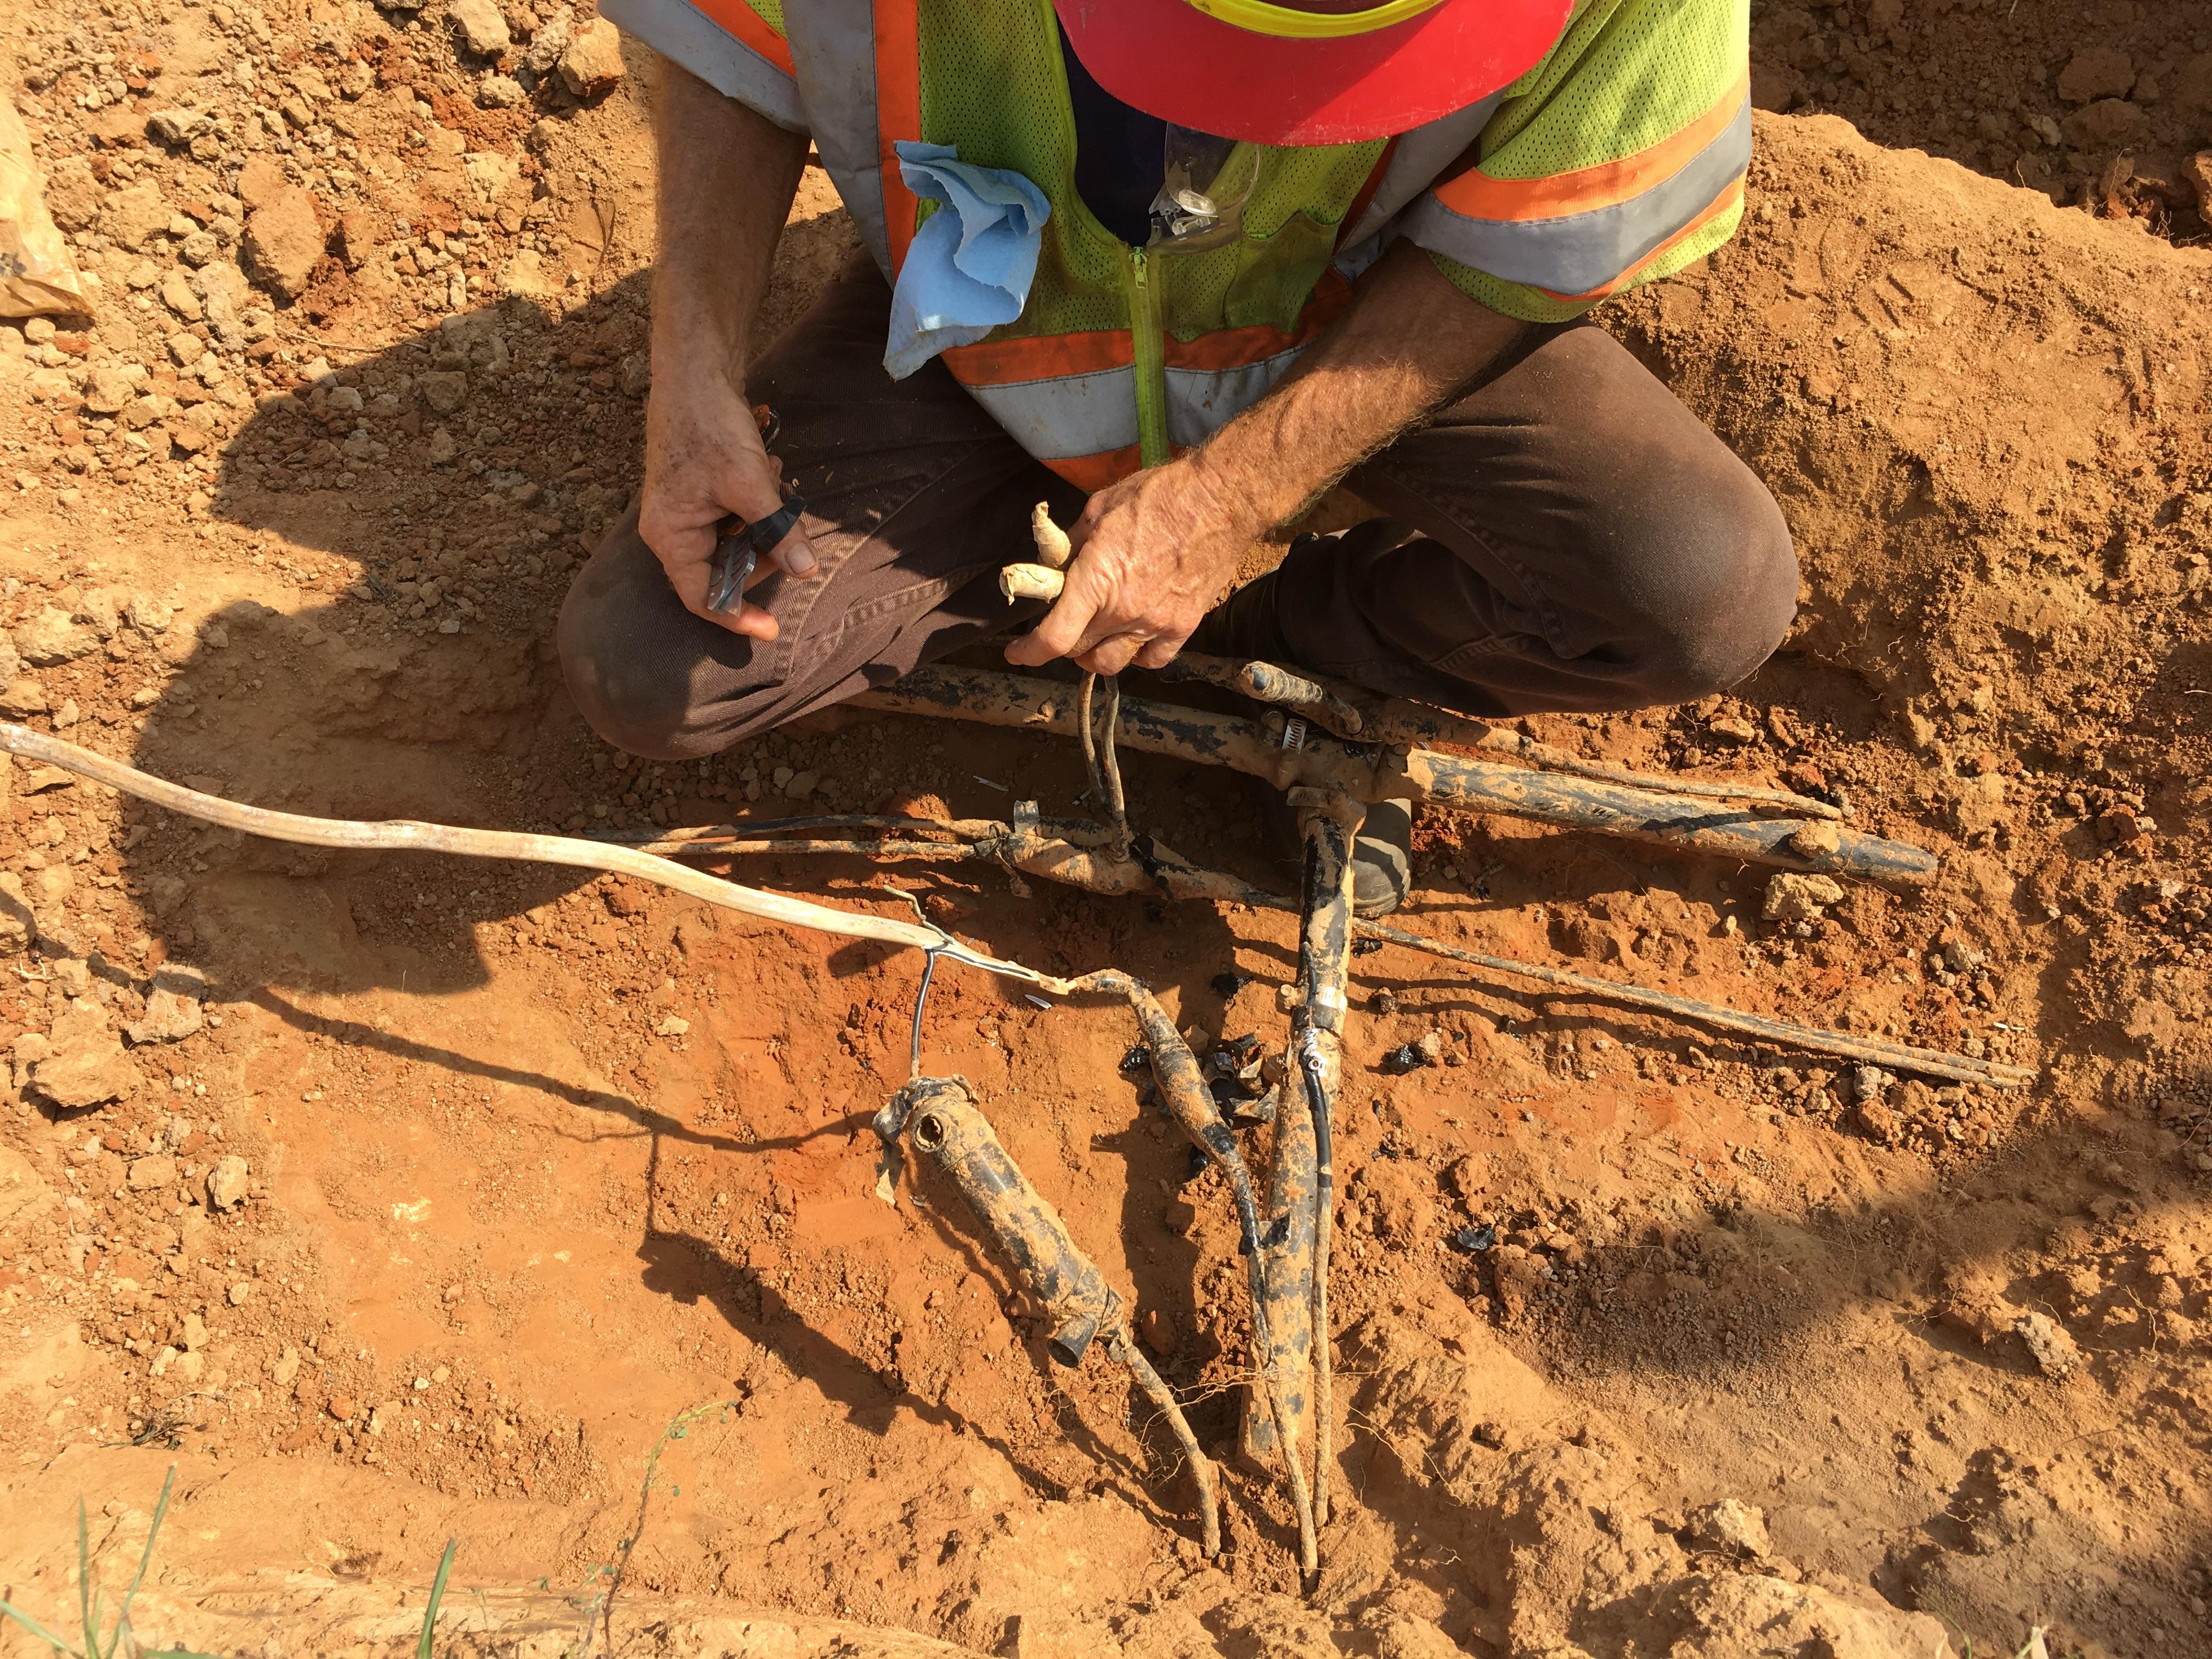 Repairing Utility